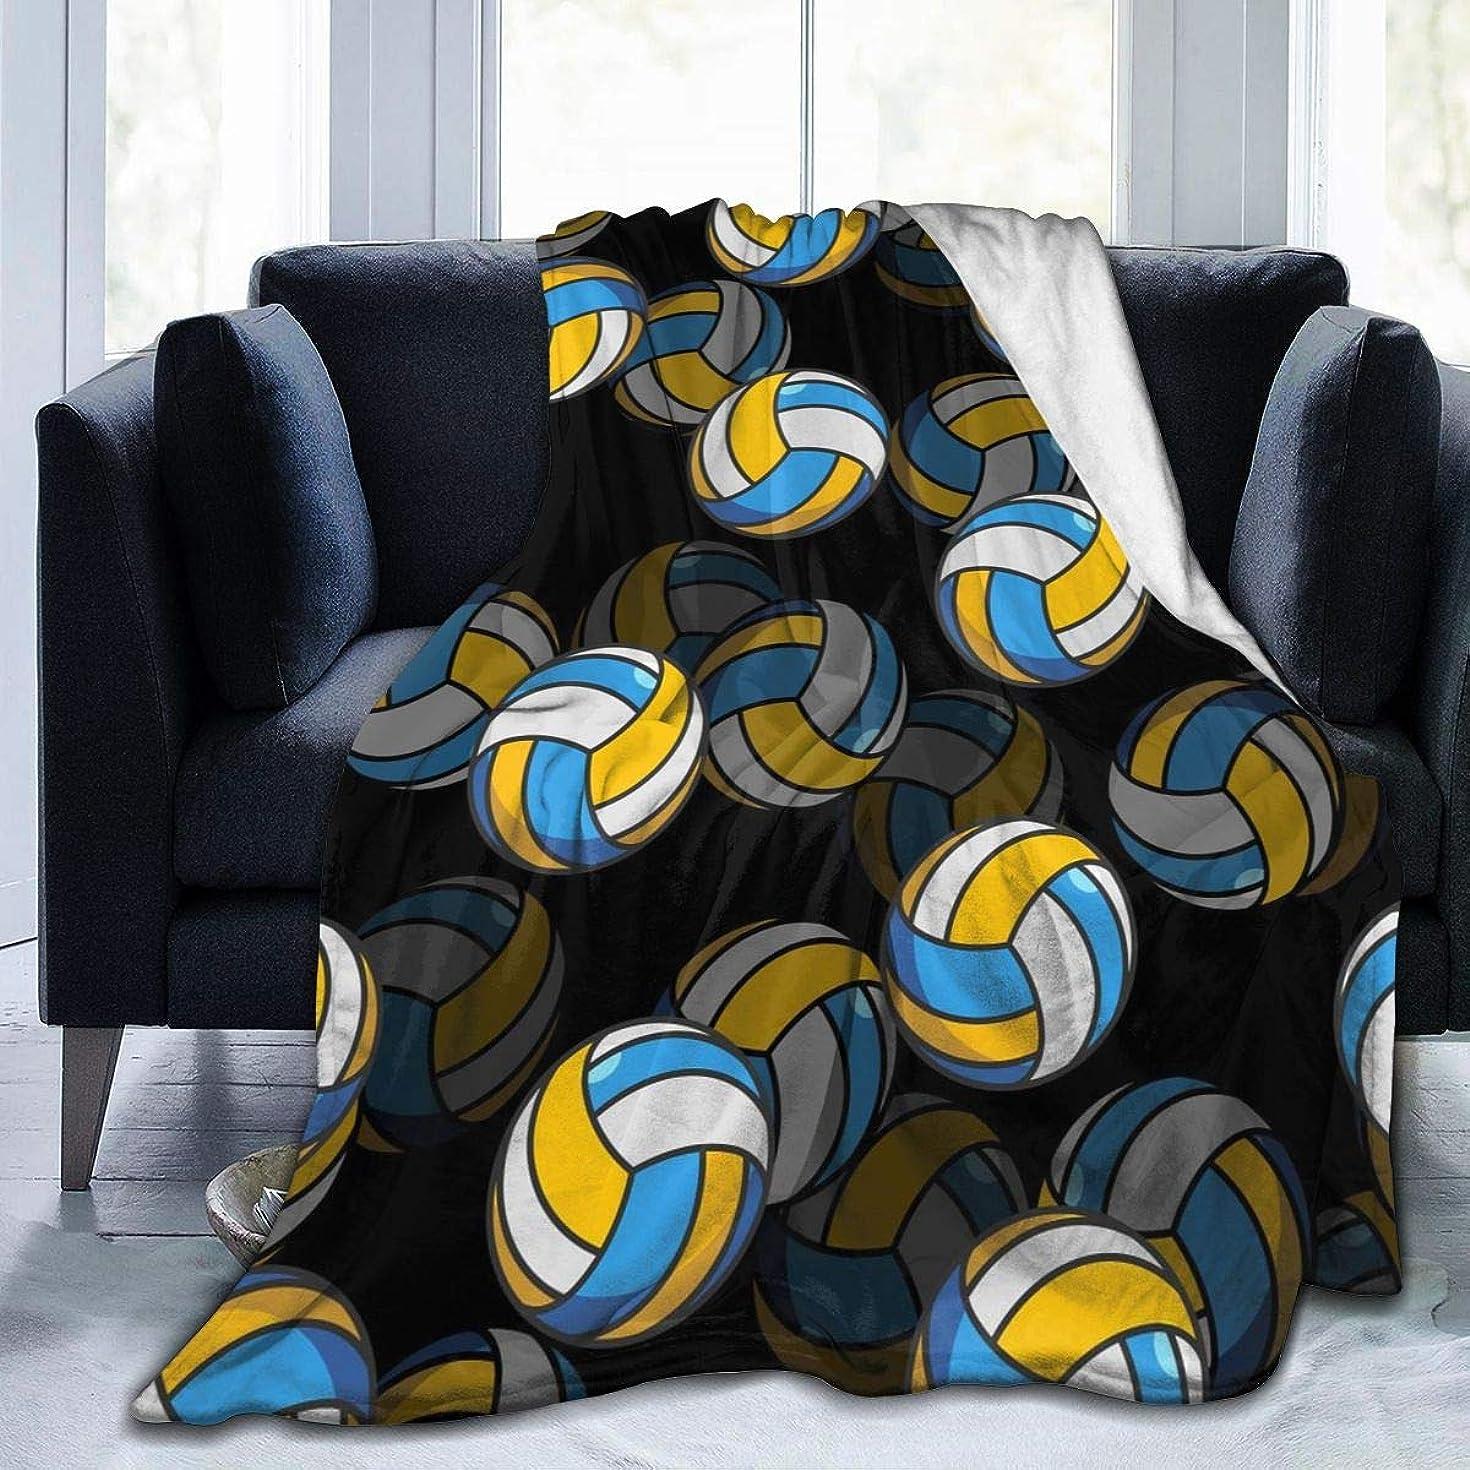 サイズオーナメントミニバレーボール シームレス パターン 毛布 掛け毛布 ブランケット シングル 暖かい柔らかい ふわふわ フランネル 毛布 三つのサイズ